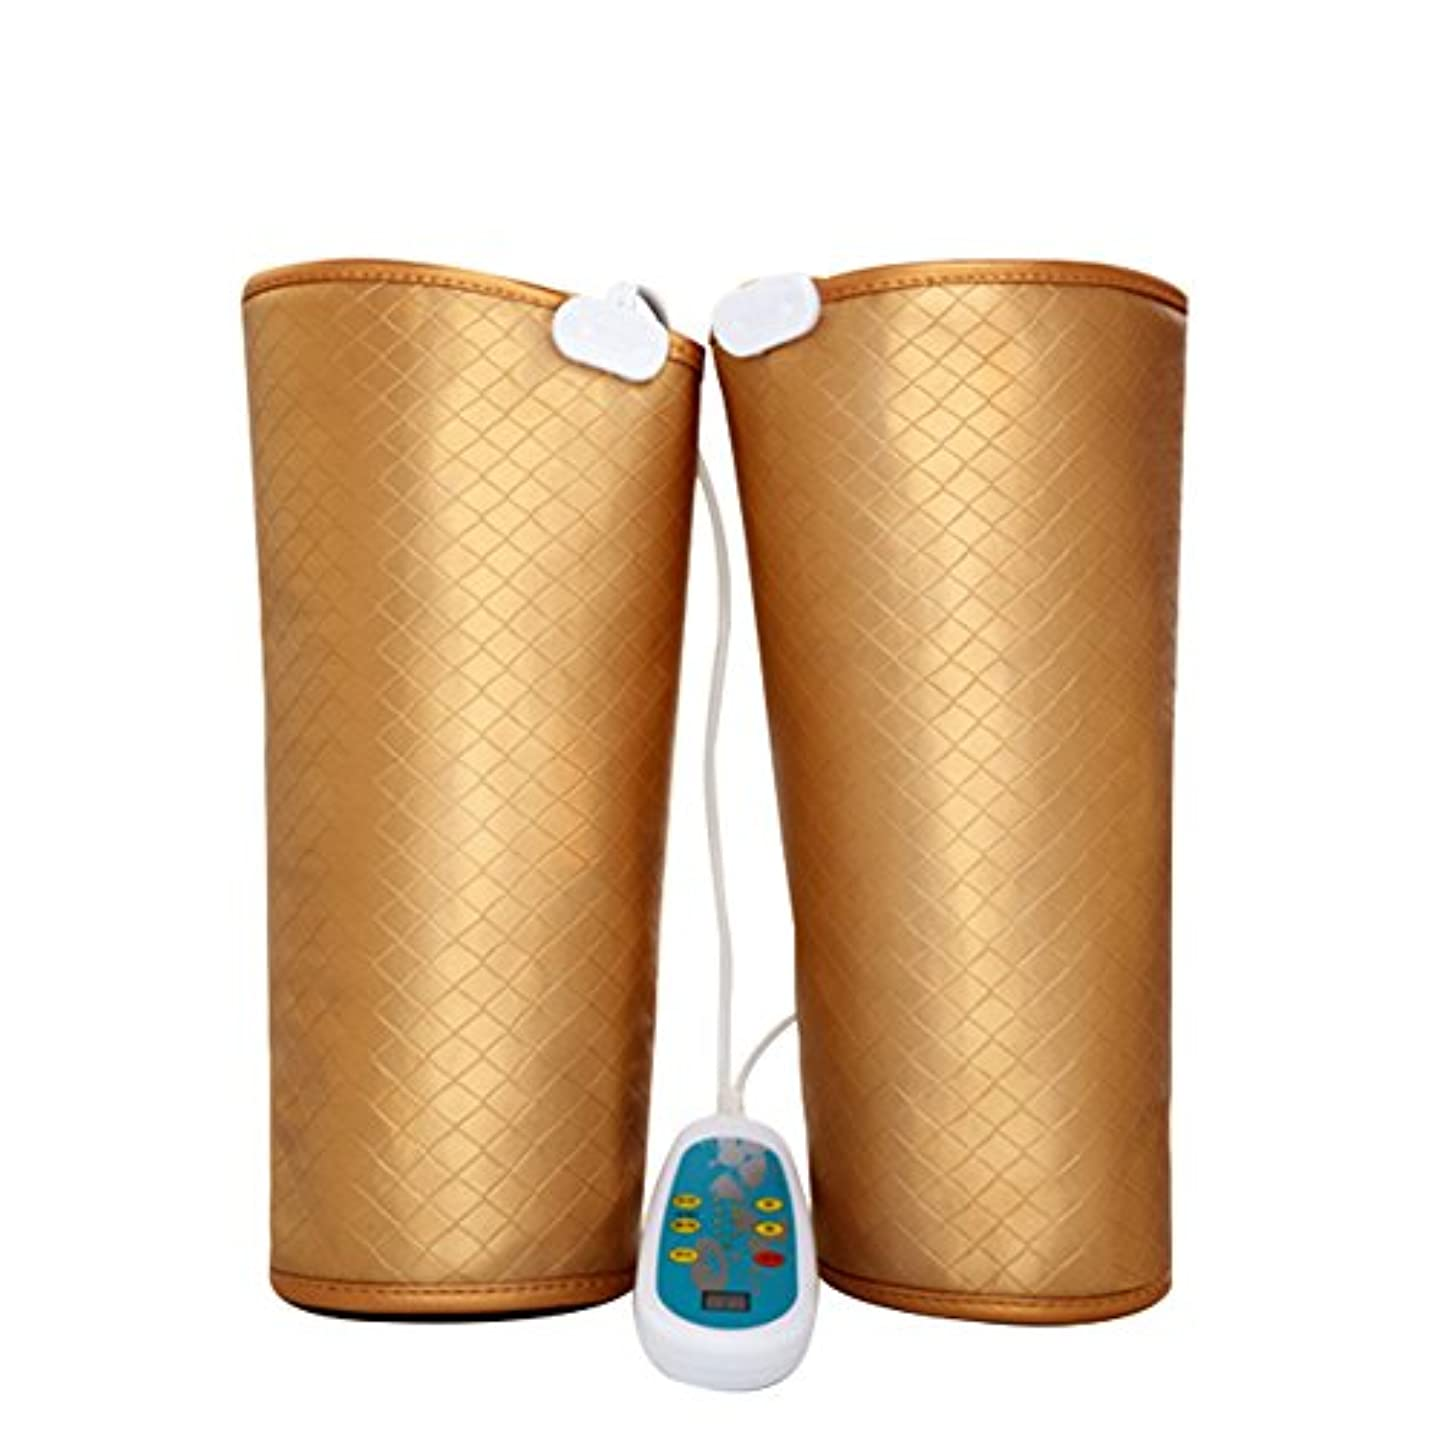 圧縮するソケット費やす電気マッサージ、膝の保温、男女通用、マッサージ機、膝と足を加熱してマッサージします